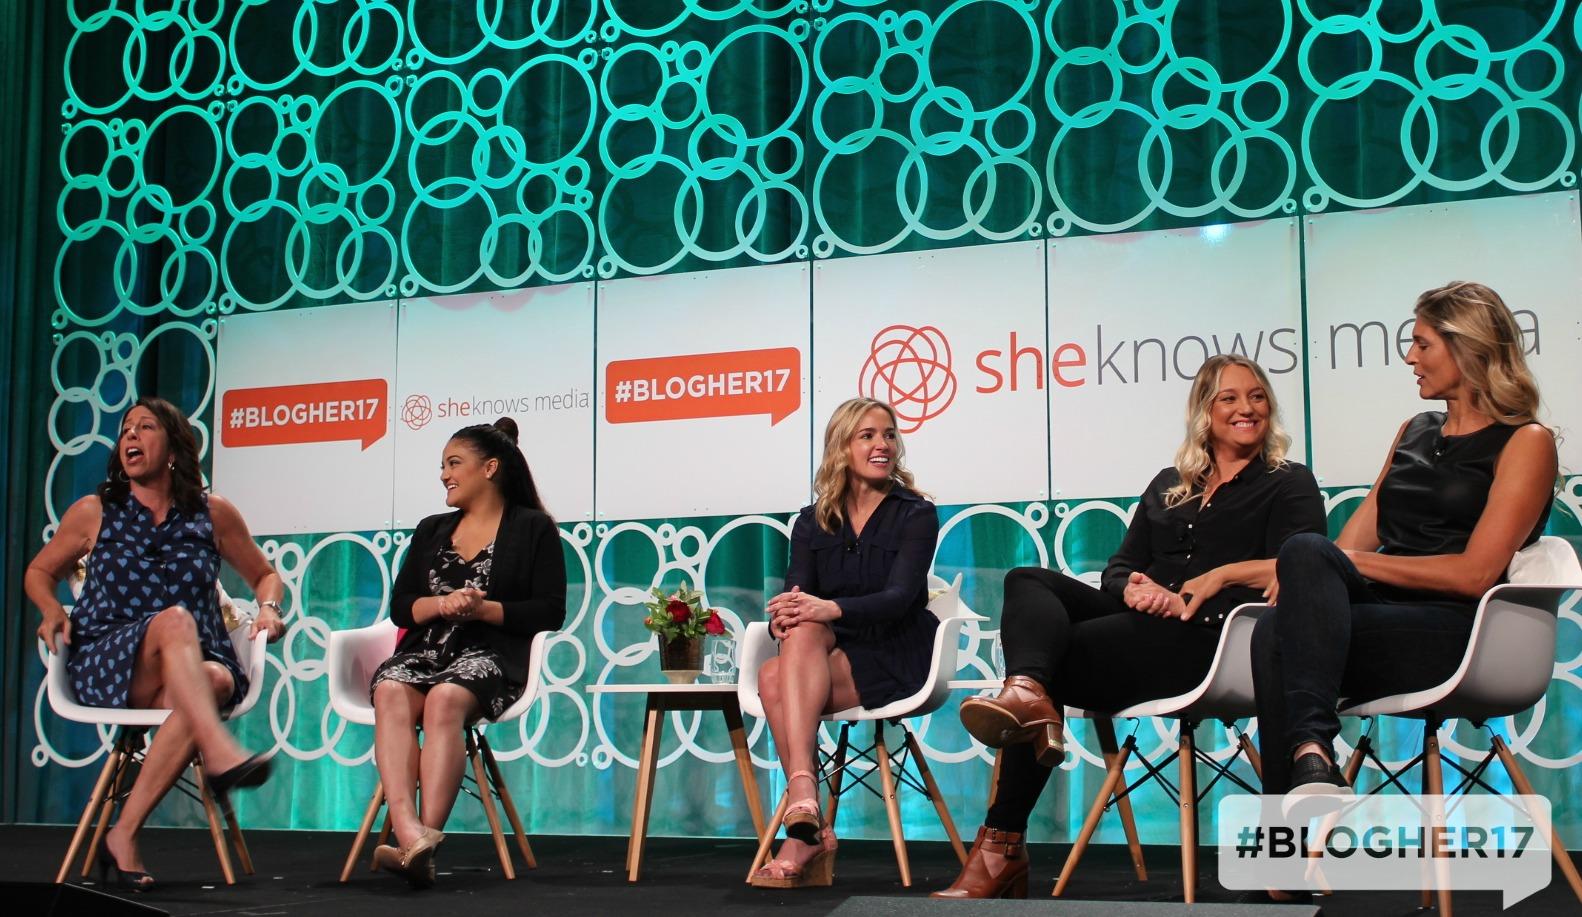 #WinningWomen panel at BlogHer17